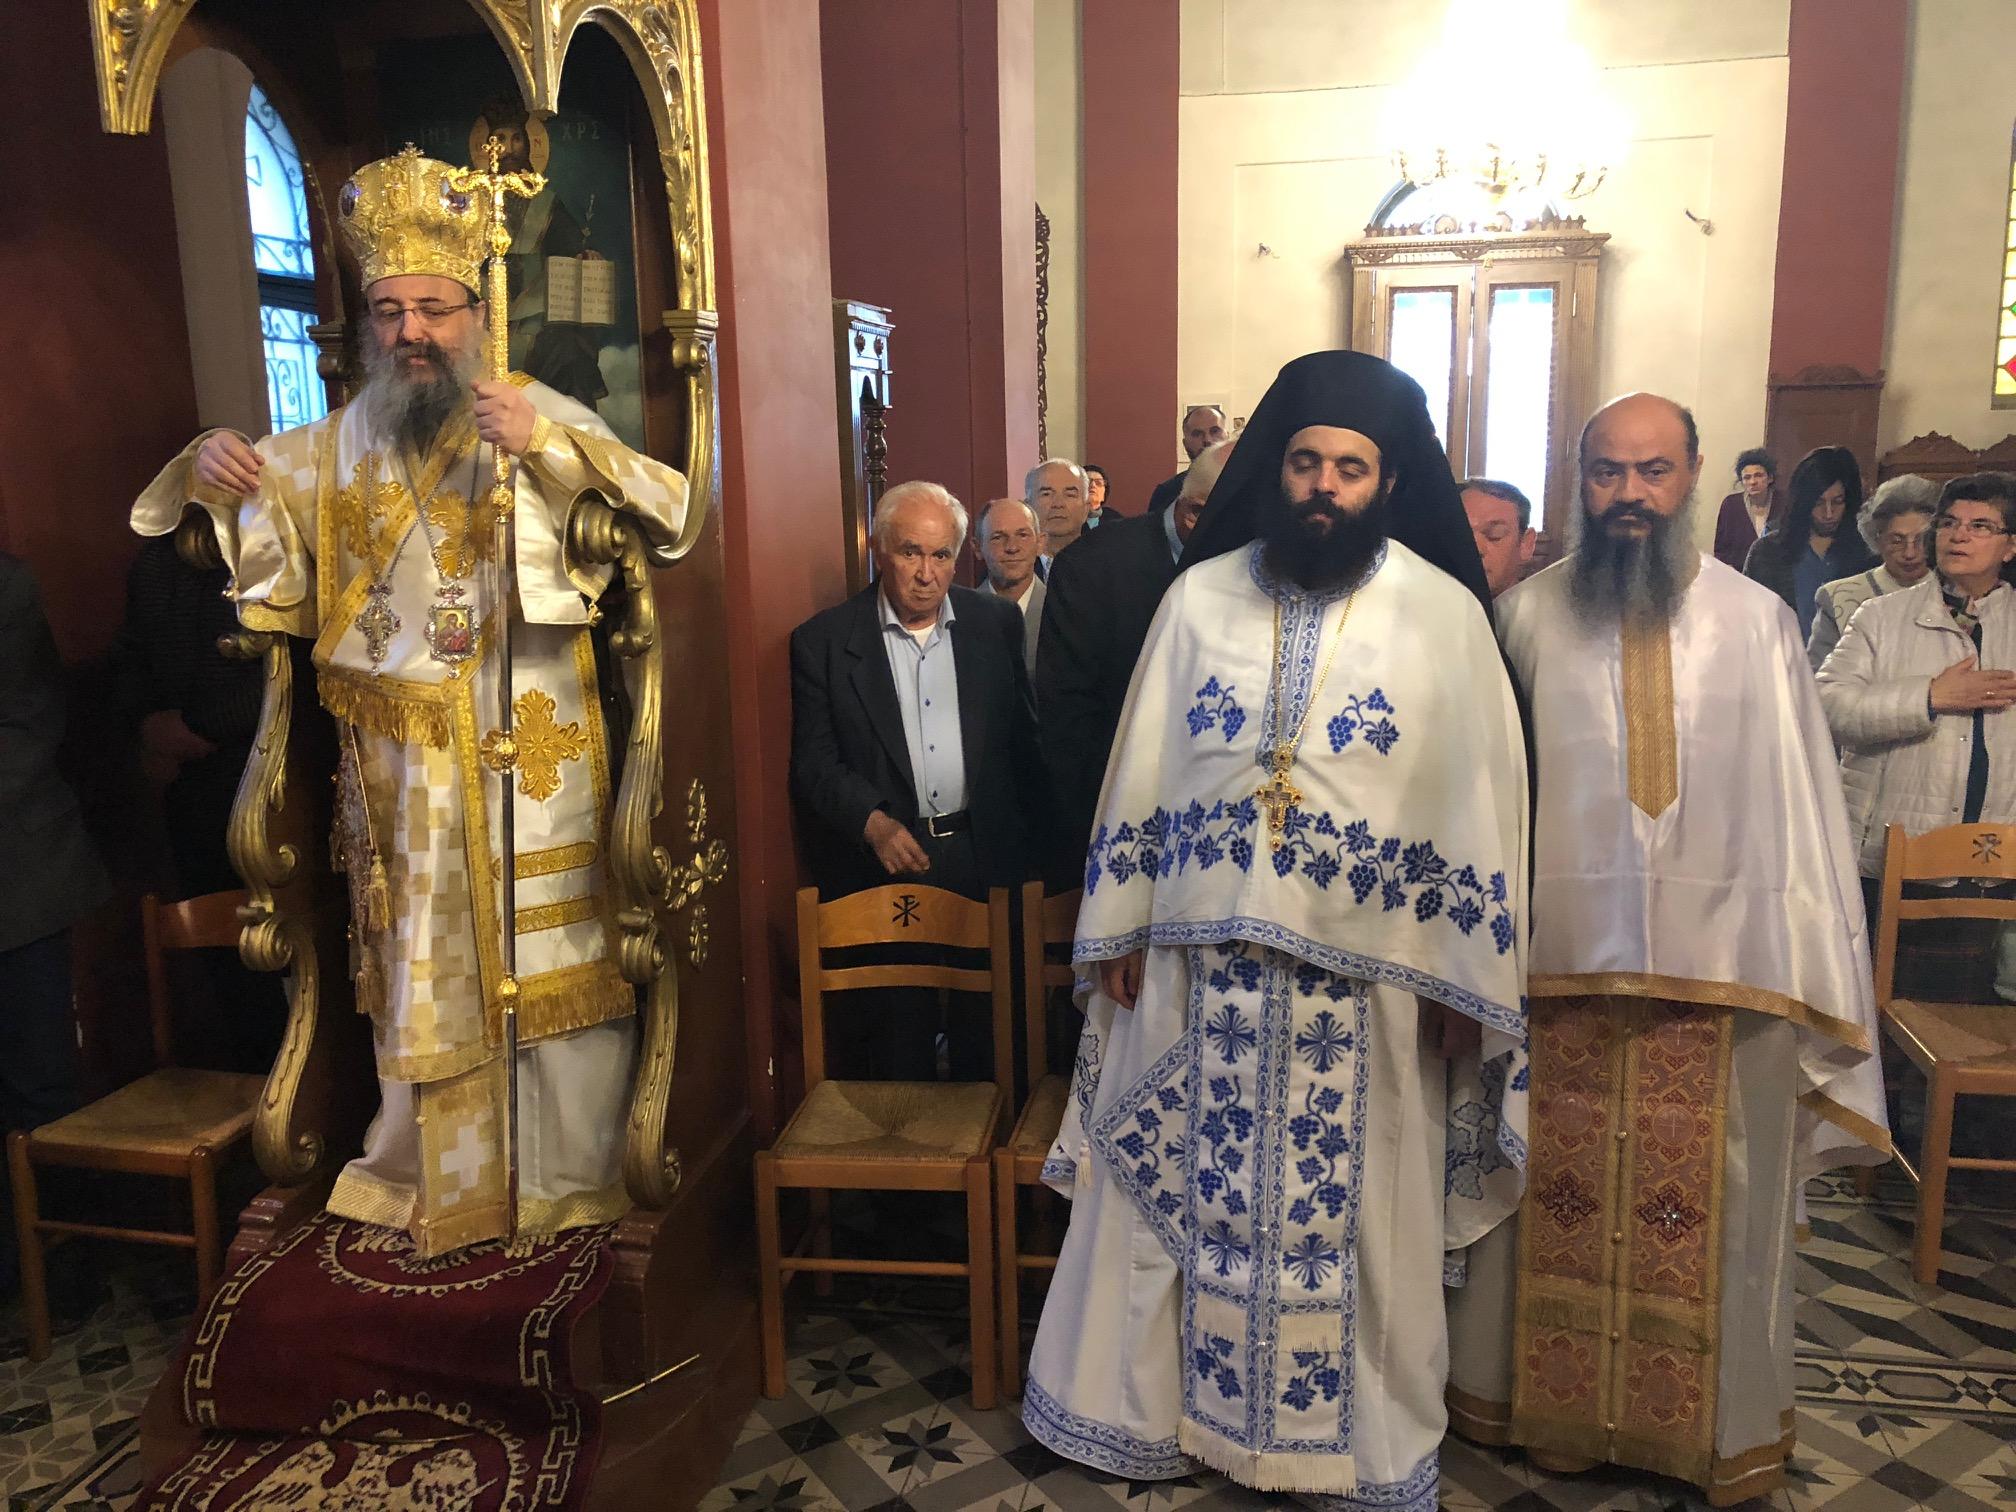 Η μνήμη του Αγίου Νεομάρτυρος Δημητρίου του εν Τριπόλει μαρτυρήσαντος στην Ι. Μητρόπολη Πατρών FOTO